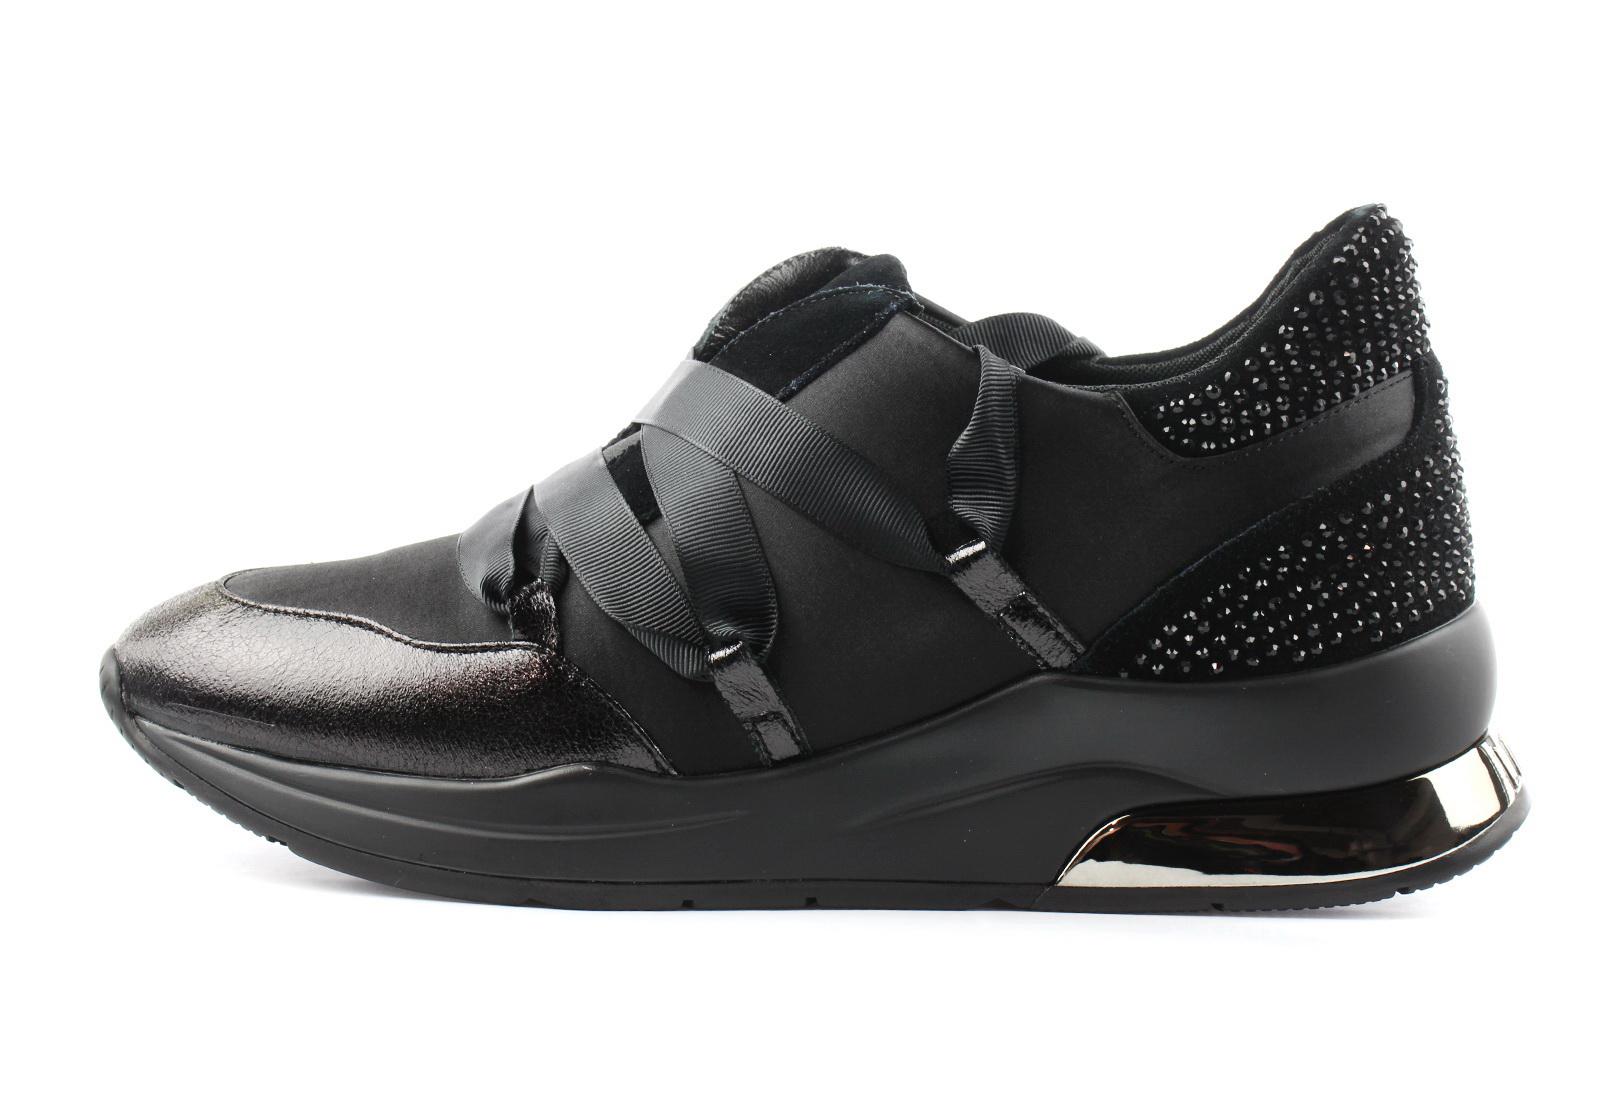 Drástico enseñar probable  Liu jo Cipő - Karlie 03 - b68001tx001-blk - Office Shoes Magyarország